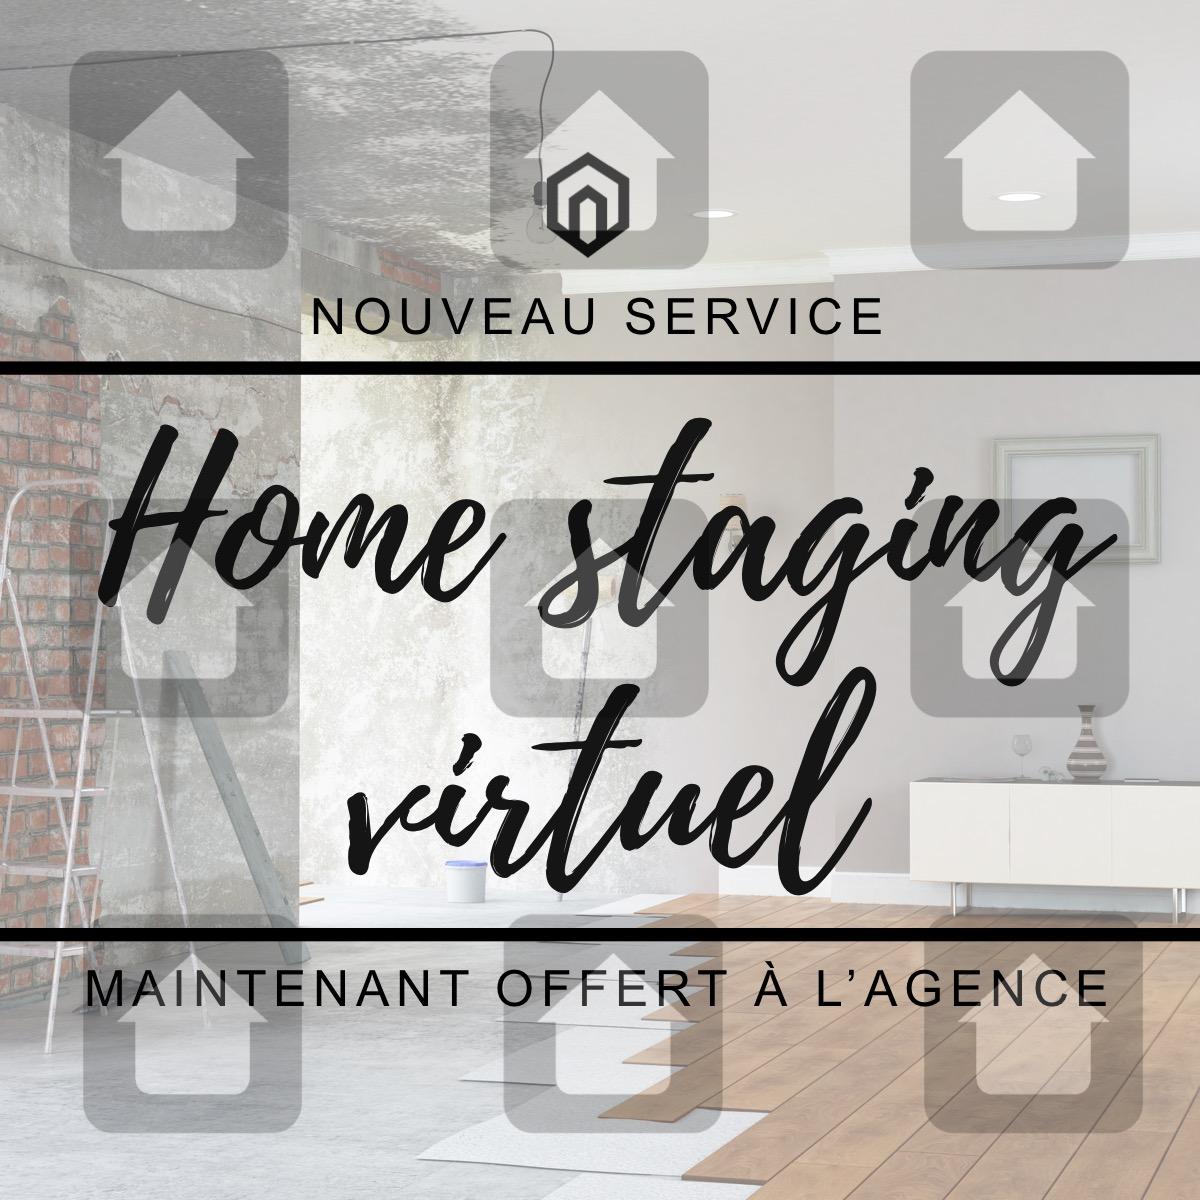 Design reseaux sociaux services offerts immobilier 2